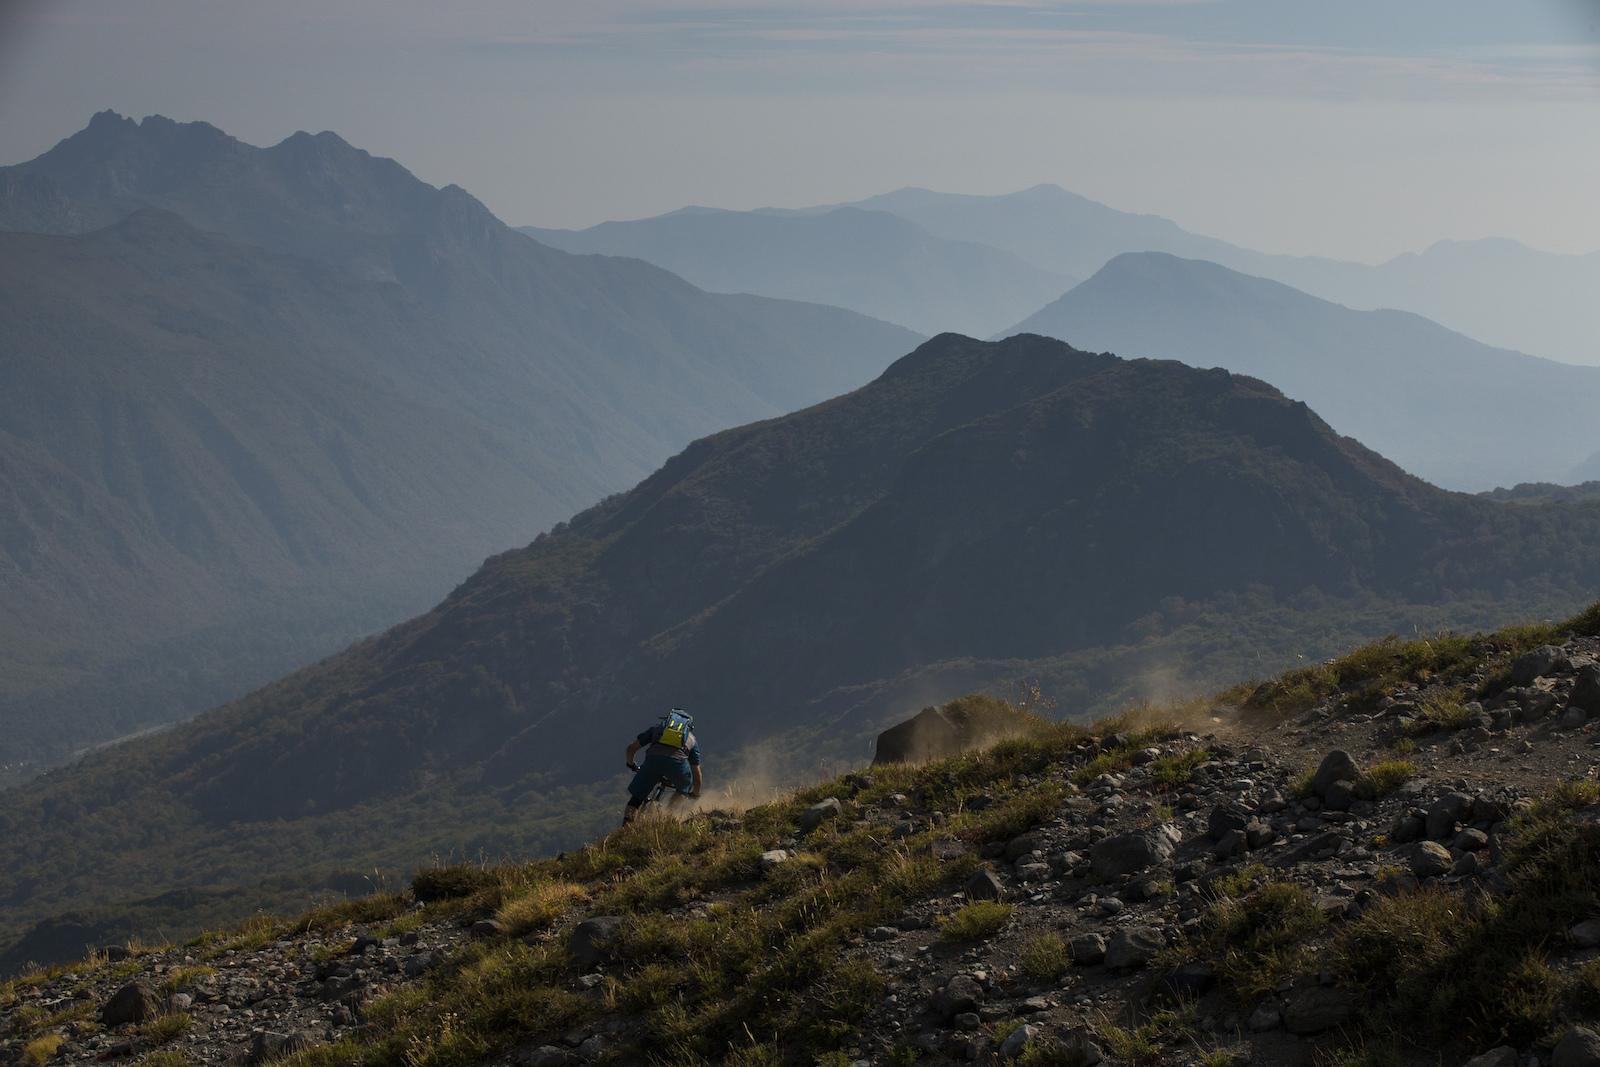 Thomas Vanderham Andrew Shandro Ignacio Roco and Nicolas Rieutord in Nevados de Chillan Chile.